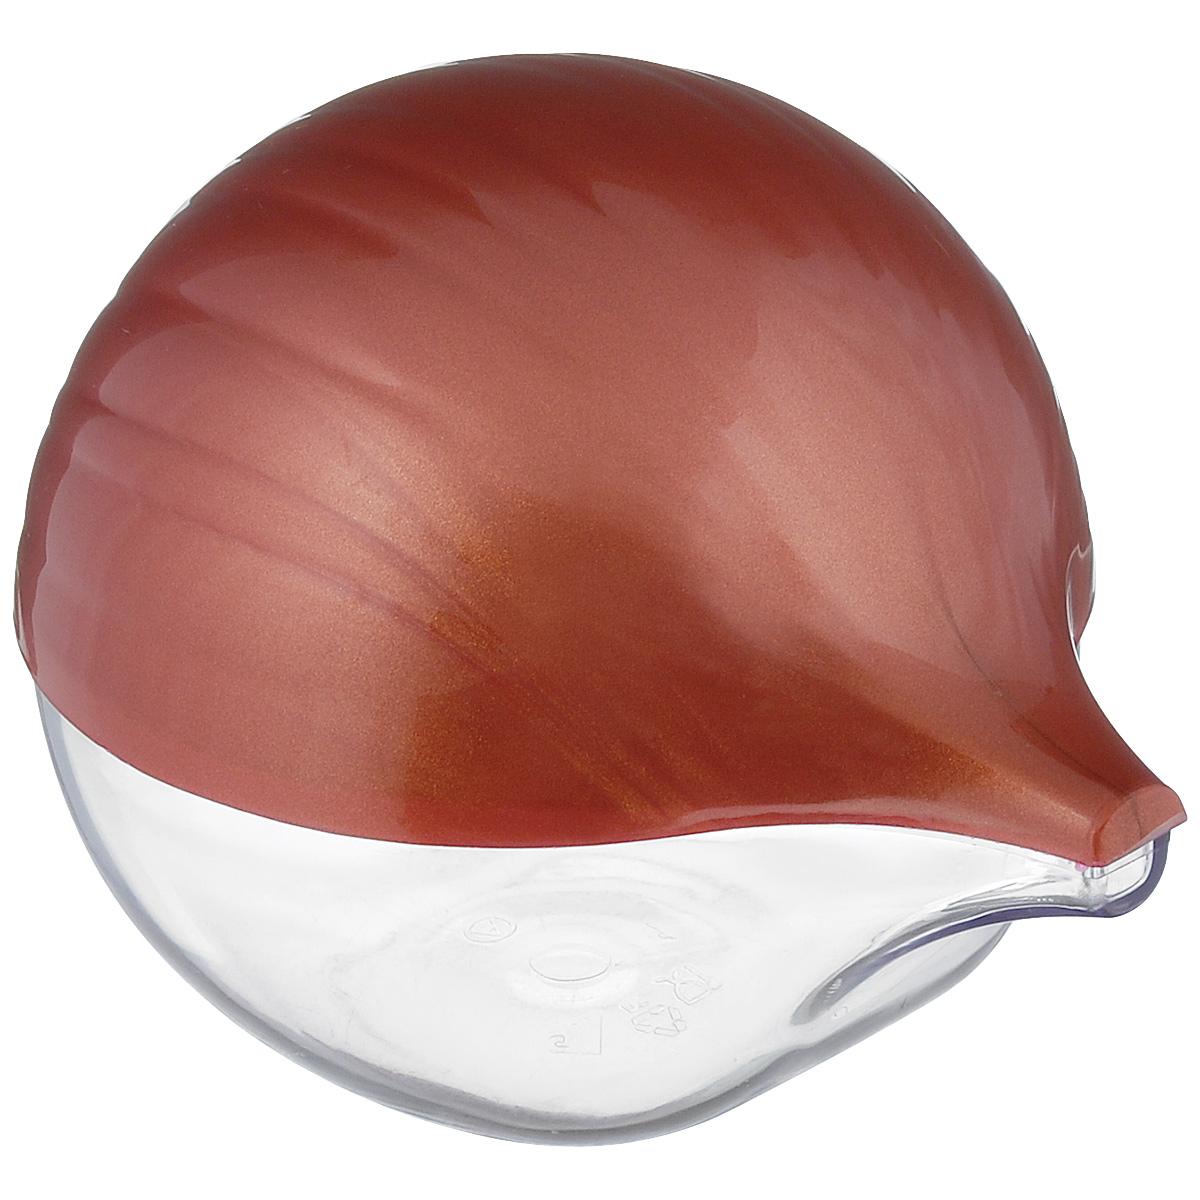 Емкость для лука Альтернатива, цвет: прозрачный, красно-коричневыйМ942Емкость для хранения репчатого лука Альтернатива, изготовленная из пластика с полупрозрачной крышкой, дольше сохранит полезные свойства разрезанного лука, предотвратит распространение запаха и сбережет лук от высыхания. Оригинальный дизайн контейнера, выполненного в виде луковицы, украсит ваш кухонный стол. Рекомендуем!